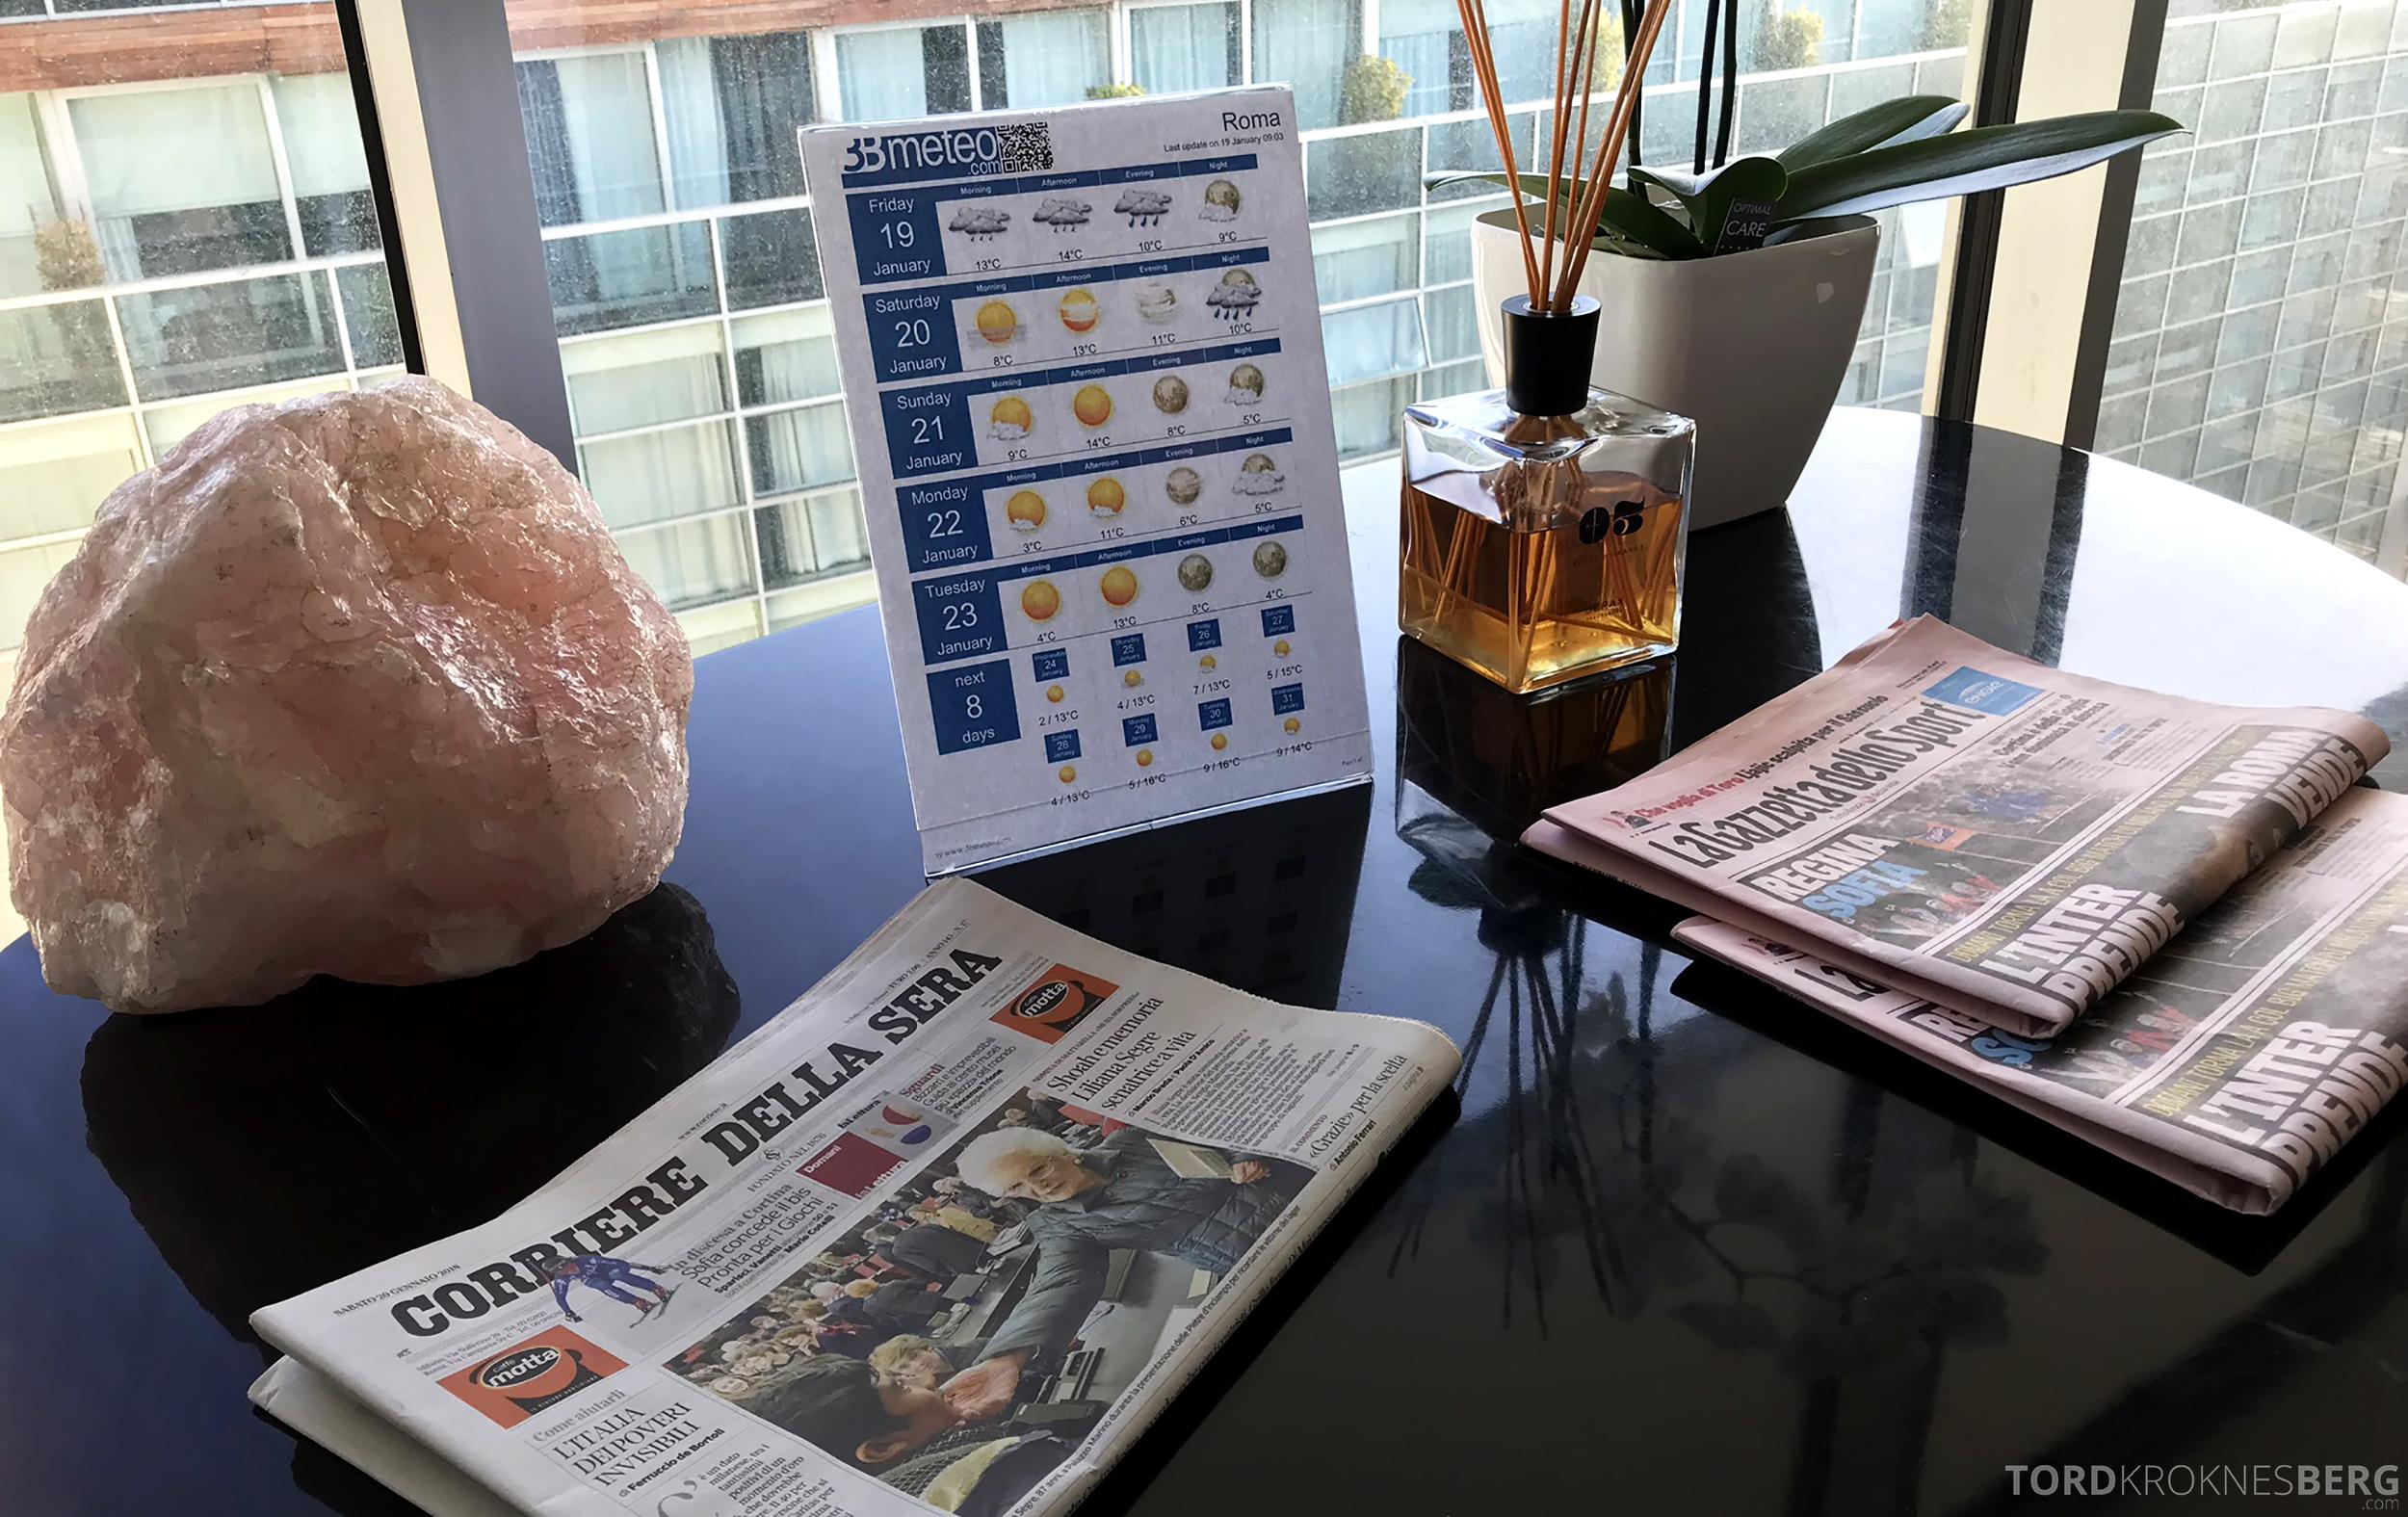 Radisson Blu Rome Hotel frokost aviser